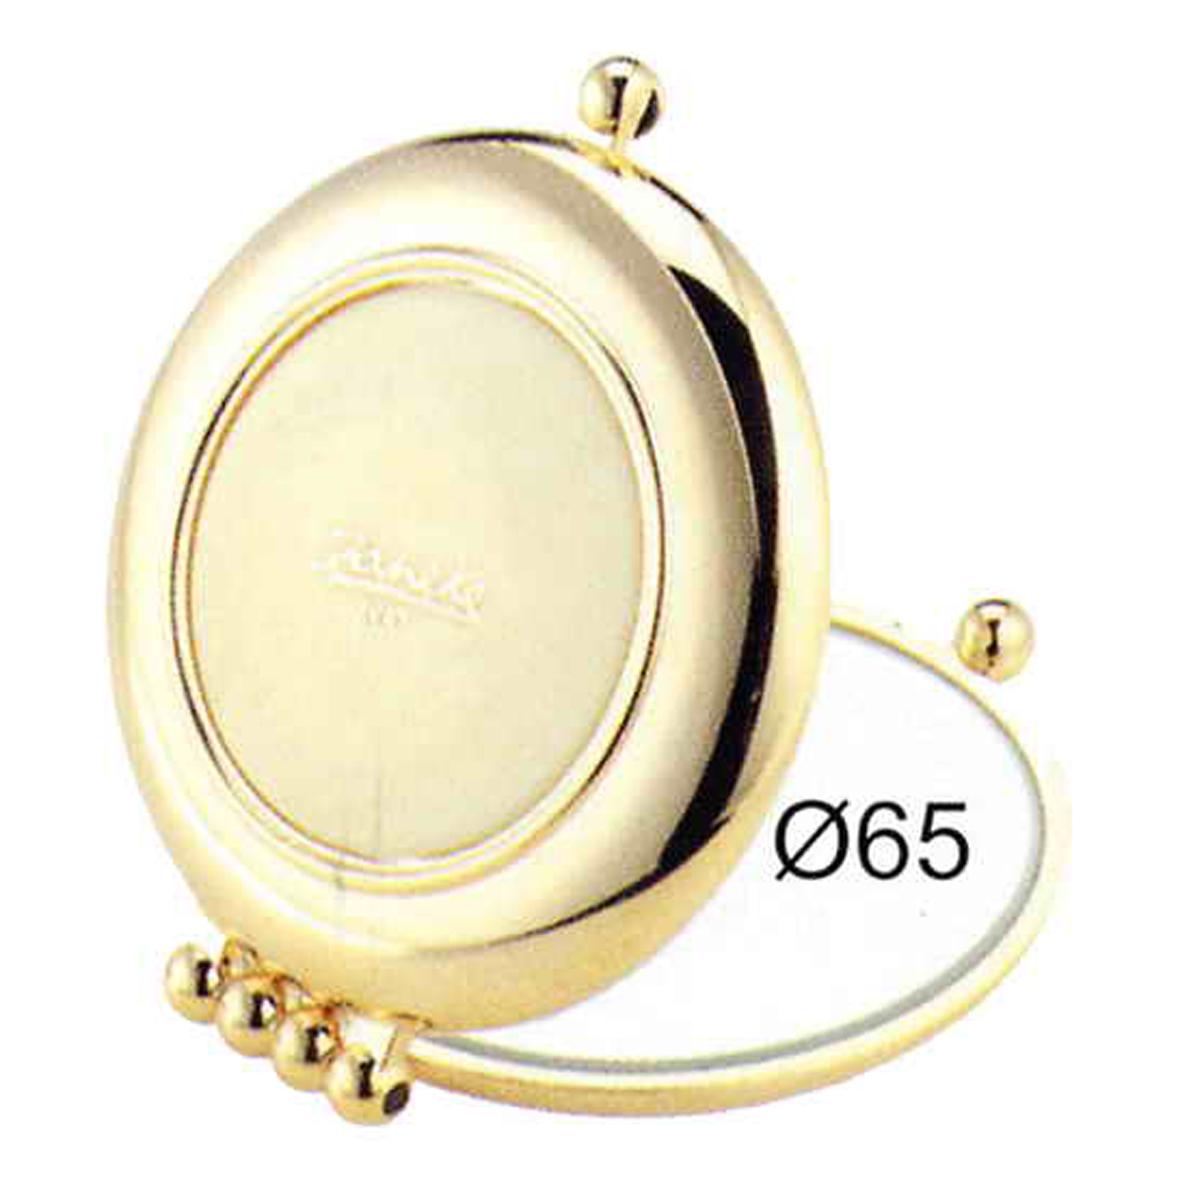 Janeke Зеркало карманное, линзы ZEISS, позолоченное, AU484.3 CRN.573233Марка Janeke – мировой лидер по производству расчесок, щеток, маникюрных принадлежностей, зеркал и косметичек. Марка Janeke, основанная в 1830 году, вот уже почти 180 лет поддерживает непревзойденное качество своей продукции, сочетая новейшие технологии с традициями ста- рых миланских мастеров. Все изделия на 80% производятся вручную, а инновационные технологии и современные материалы делают продукцию марки поистине уникальной. Стильный и эргономичный дизайн, яркие цветовые решения – все это приносит истин- ное удовольствие от использования аксессуаров Janeke. Компактные зеркала Janeke имеют линзы с обычным и трехкратным увеличением, которые позволяют быстро и легко поправить макияж в дороге. А благодаря стильному дизайну и миниатюрному размеру компактное зеркало Janeke станет любимым аксессуаром любой женщины.